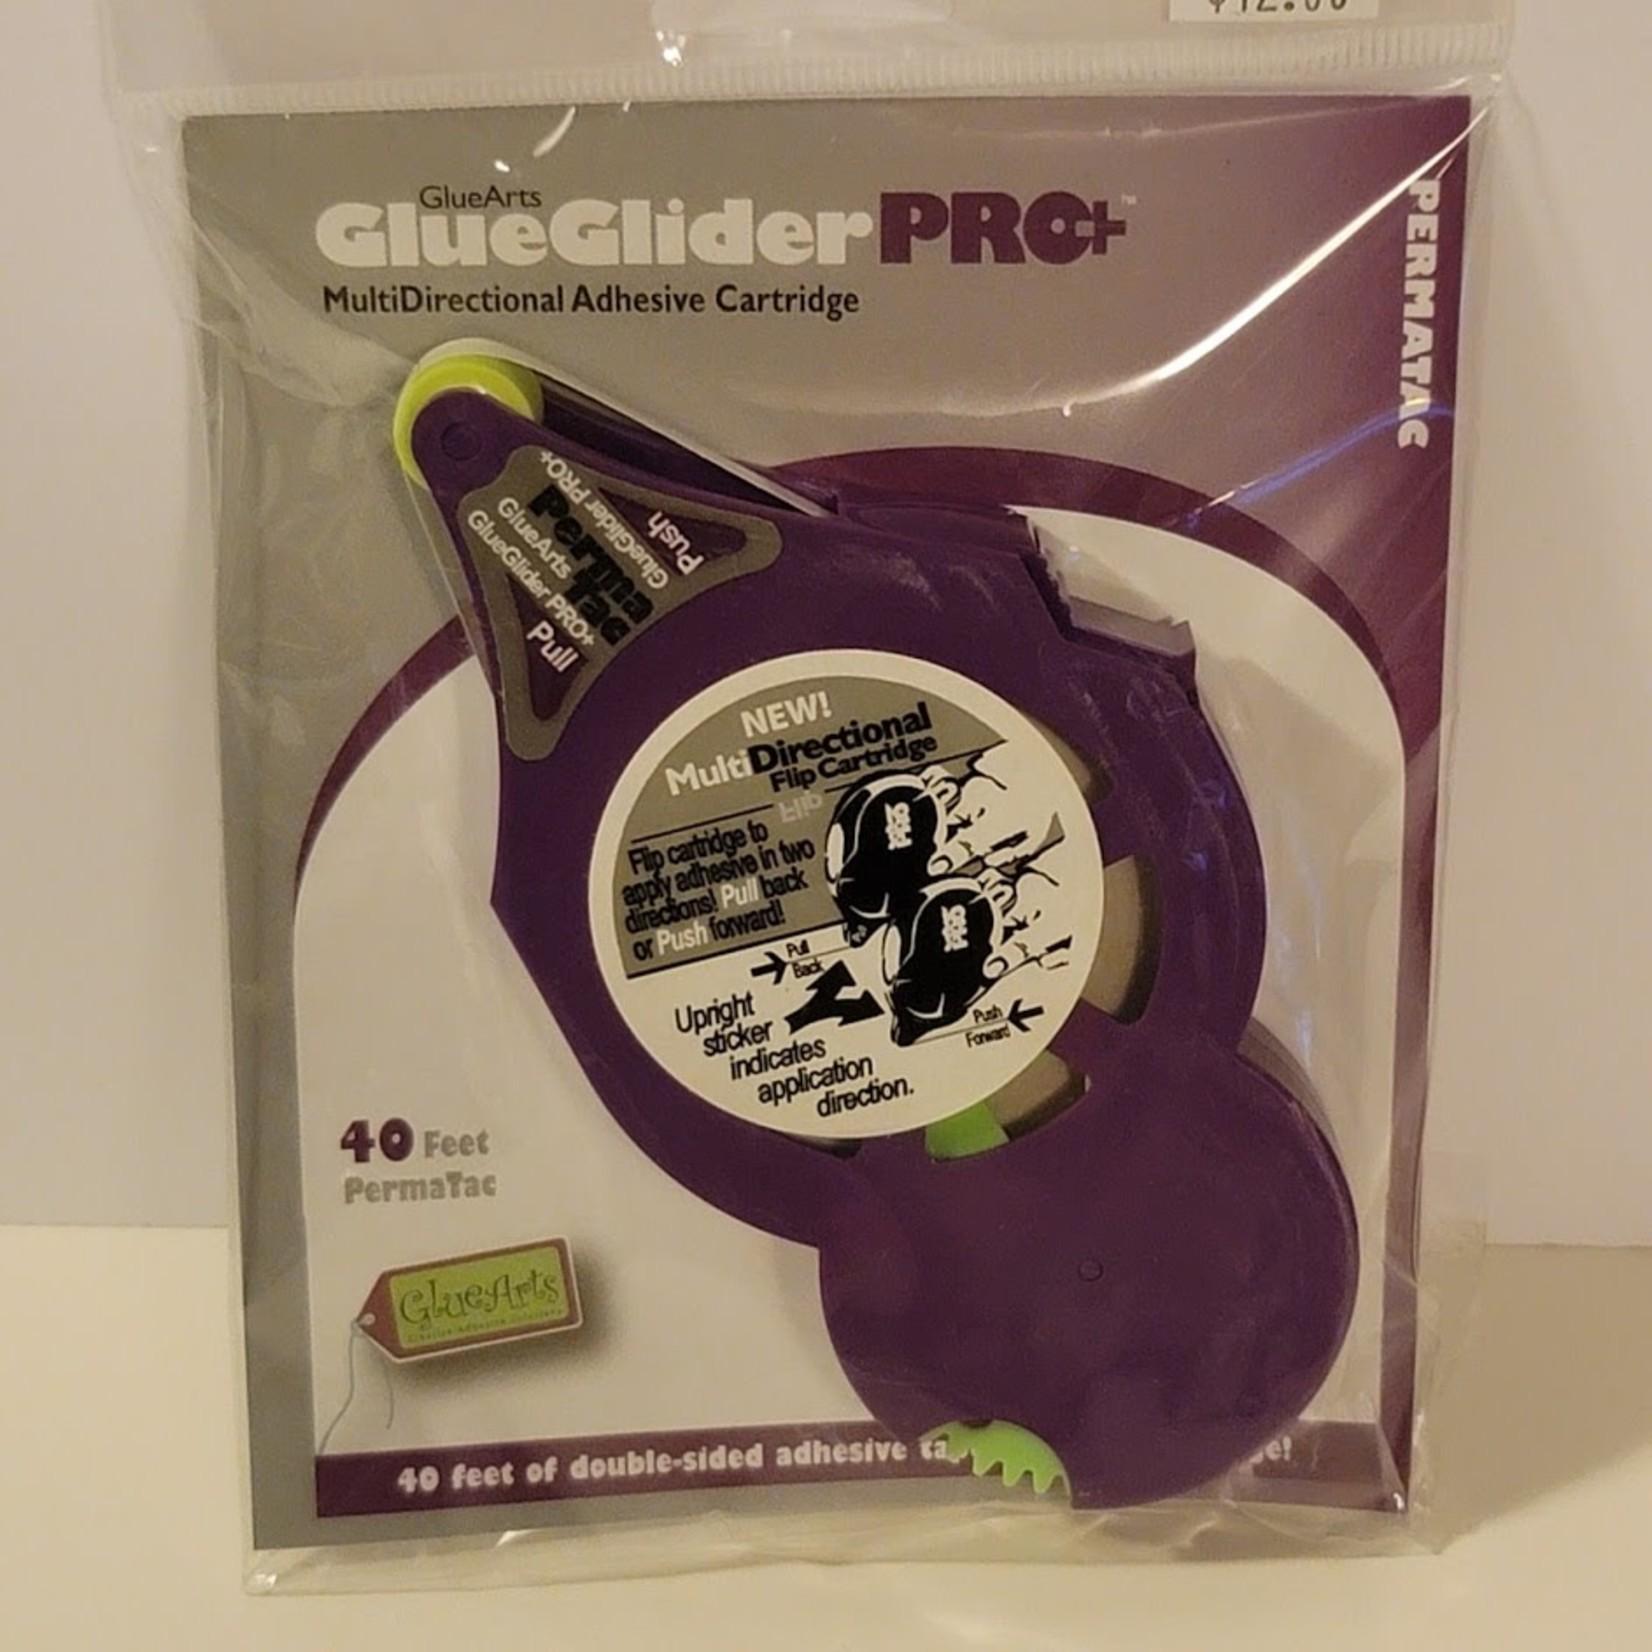 GlueArts - Glue GliderPro+ Refill - PermaTac